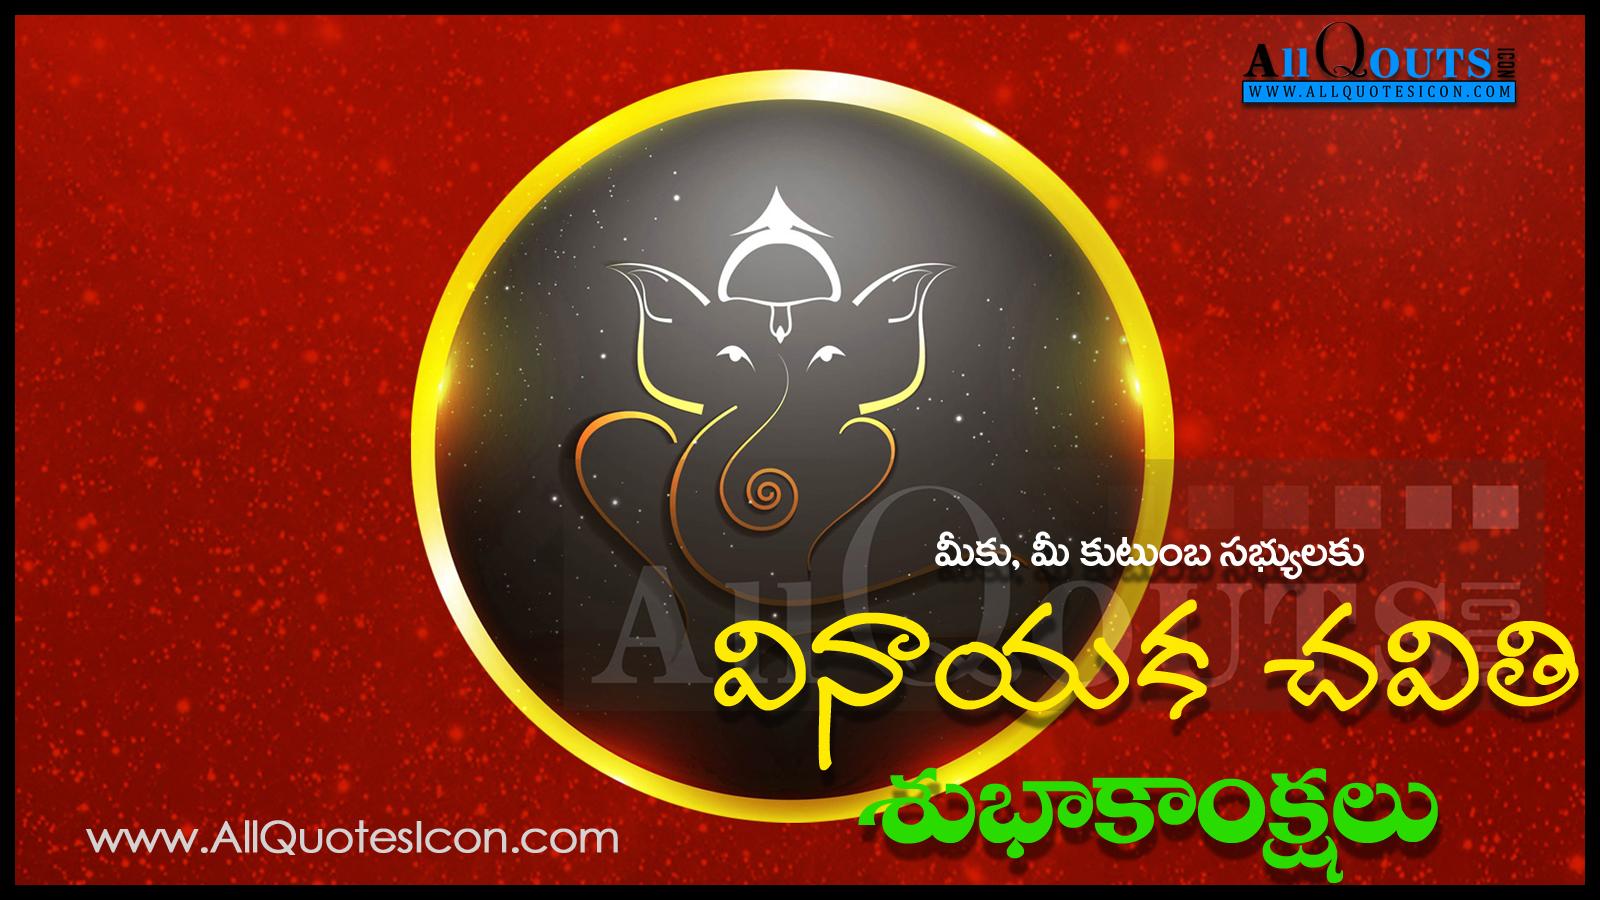 Happy Vinayaka Chavithi Wallpapers And Wishes In Telugu Www